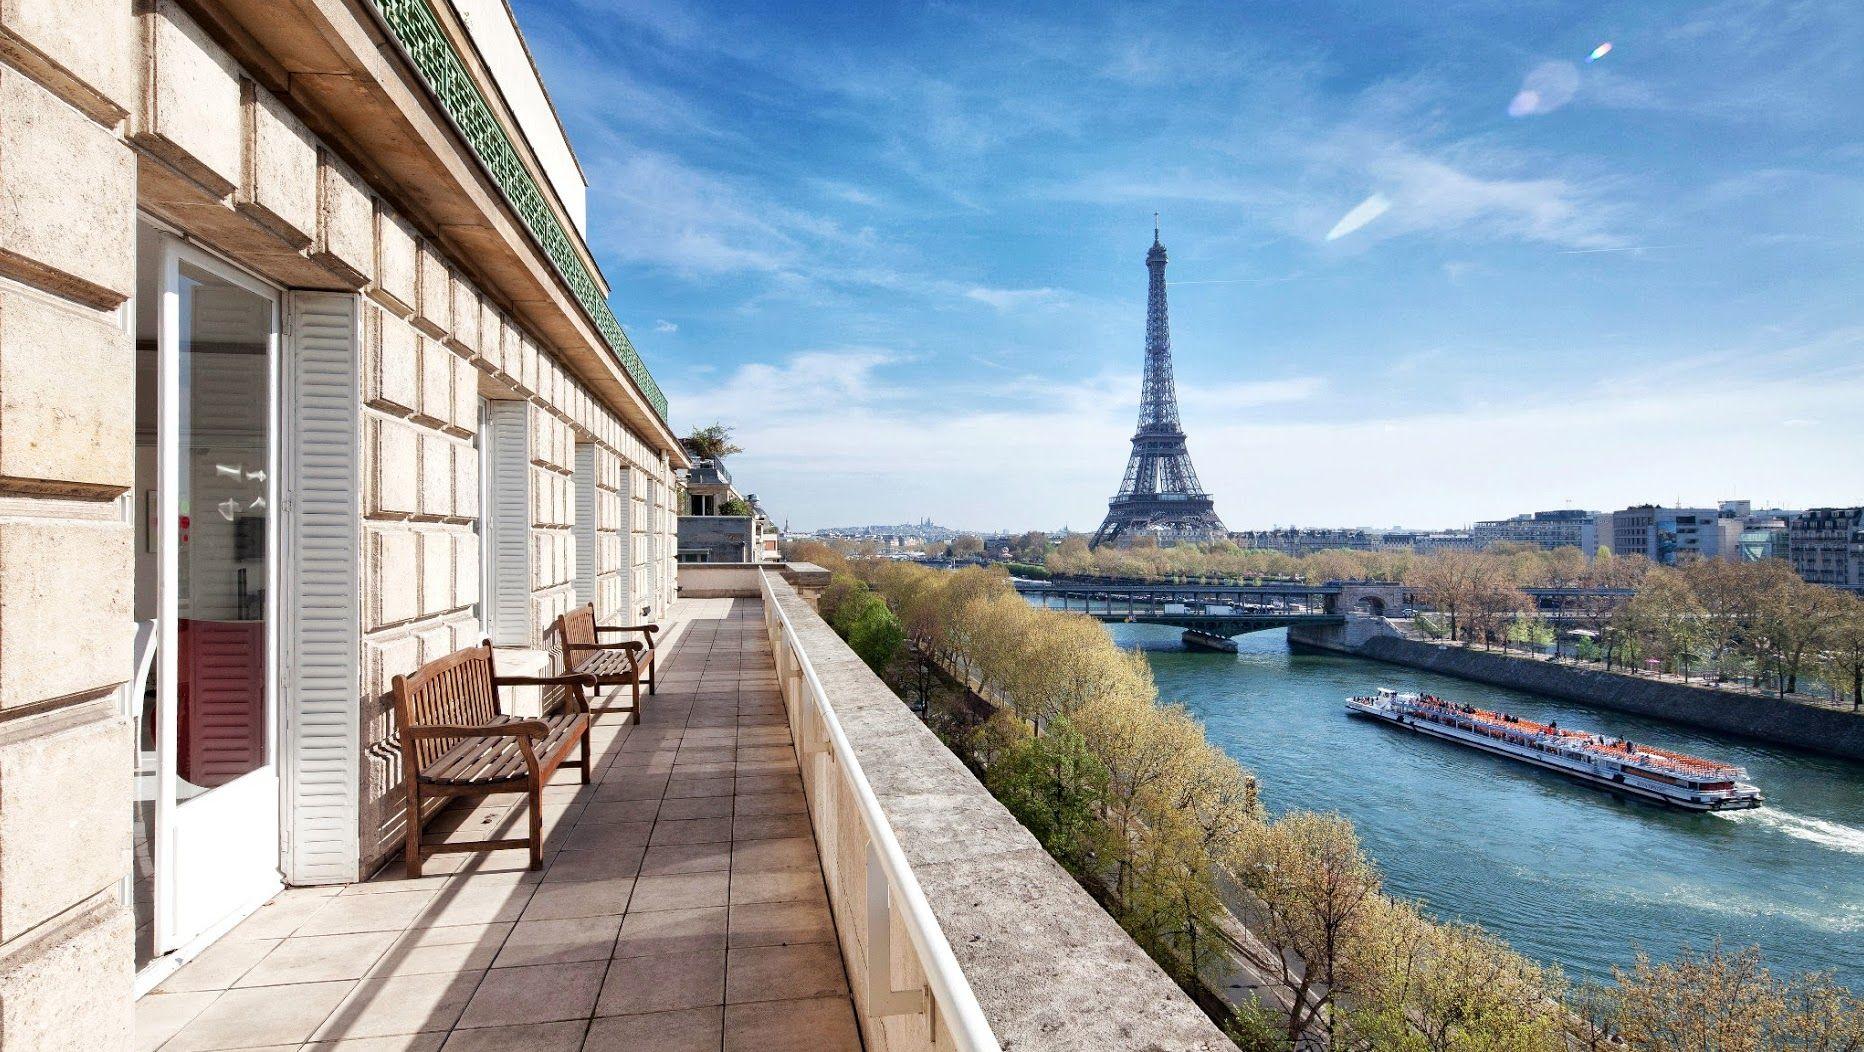 20+ Vue tour eiffel appartement ideas in 2021